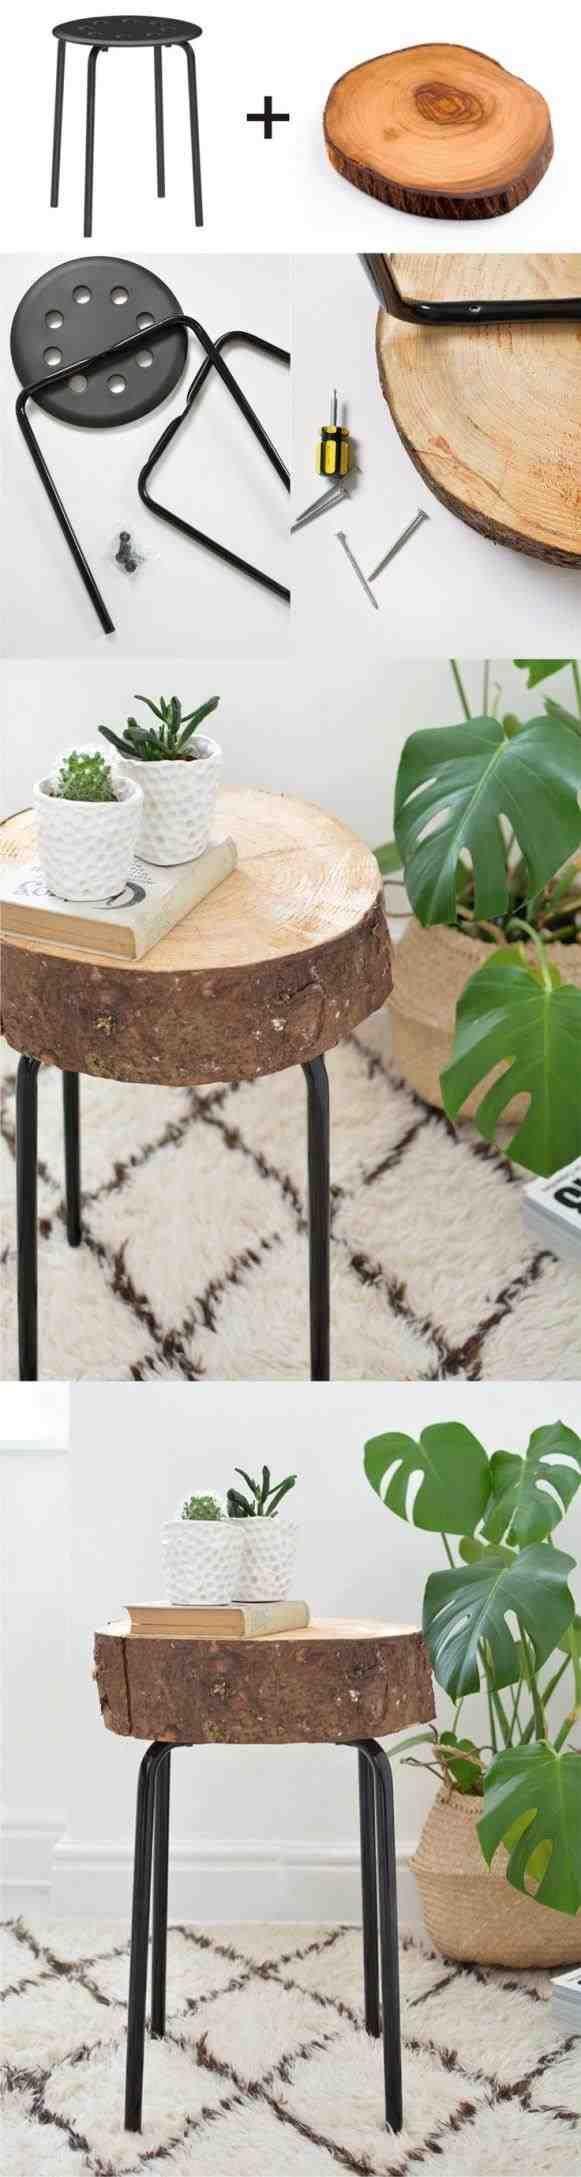 Best 25 Round coffee table ikea ideas on Pinterest Ikea ideas